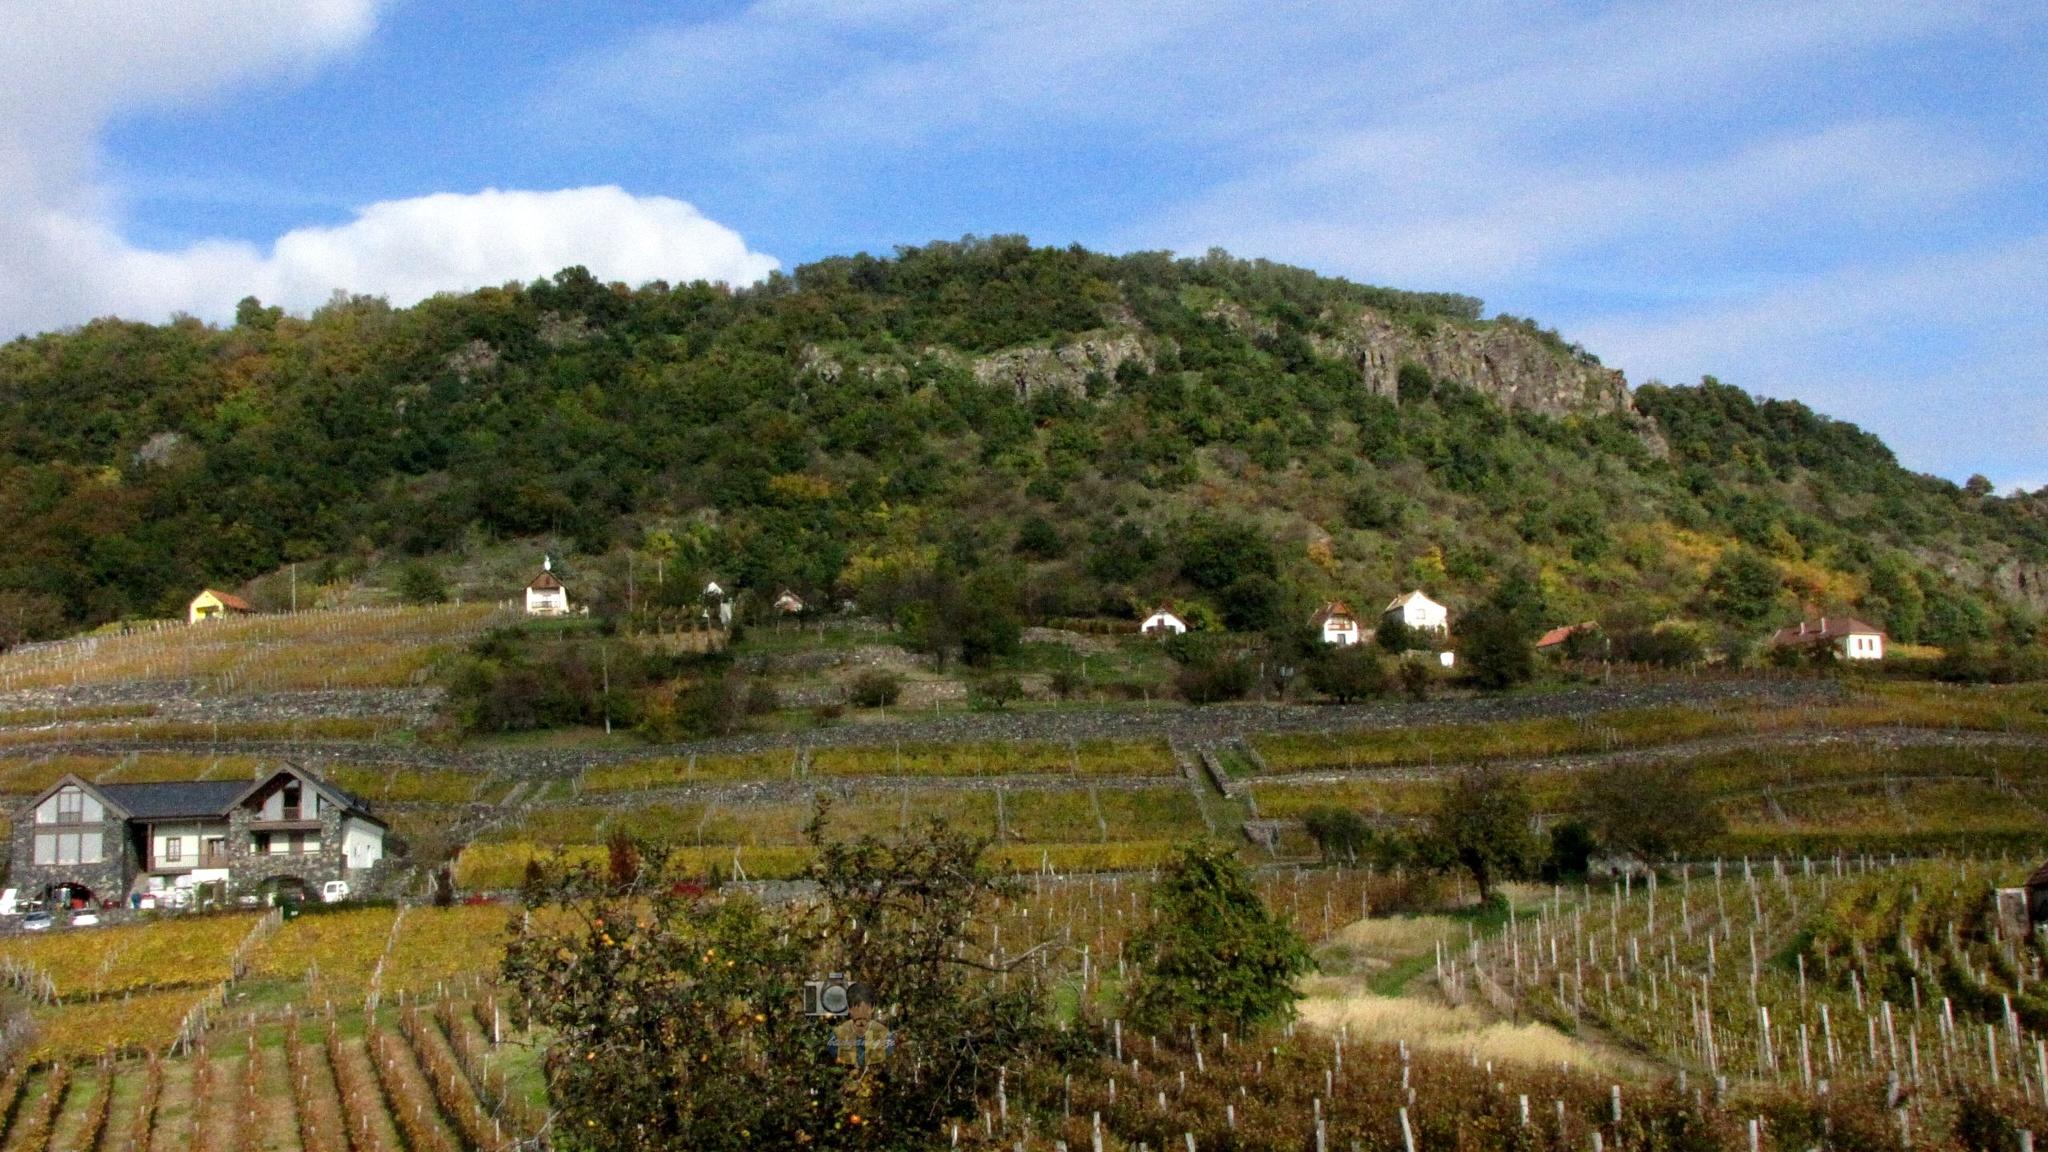 Somlo Wine Region, the Somlo Mountain, North-West Hungary #1 by hunyadigeza